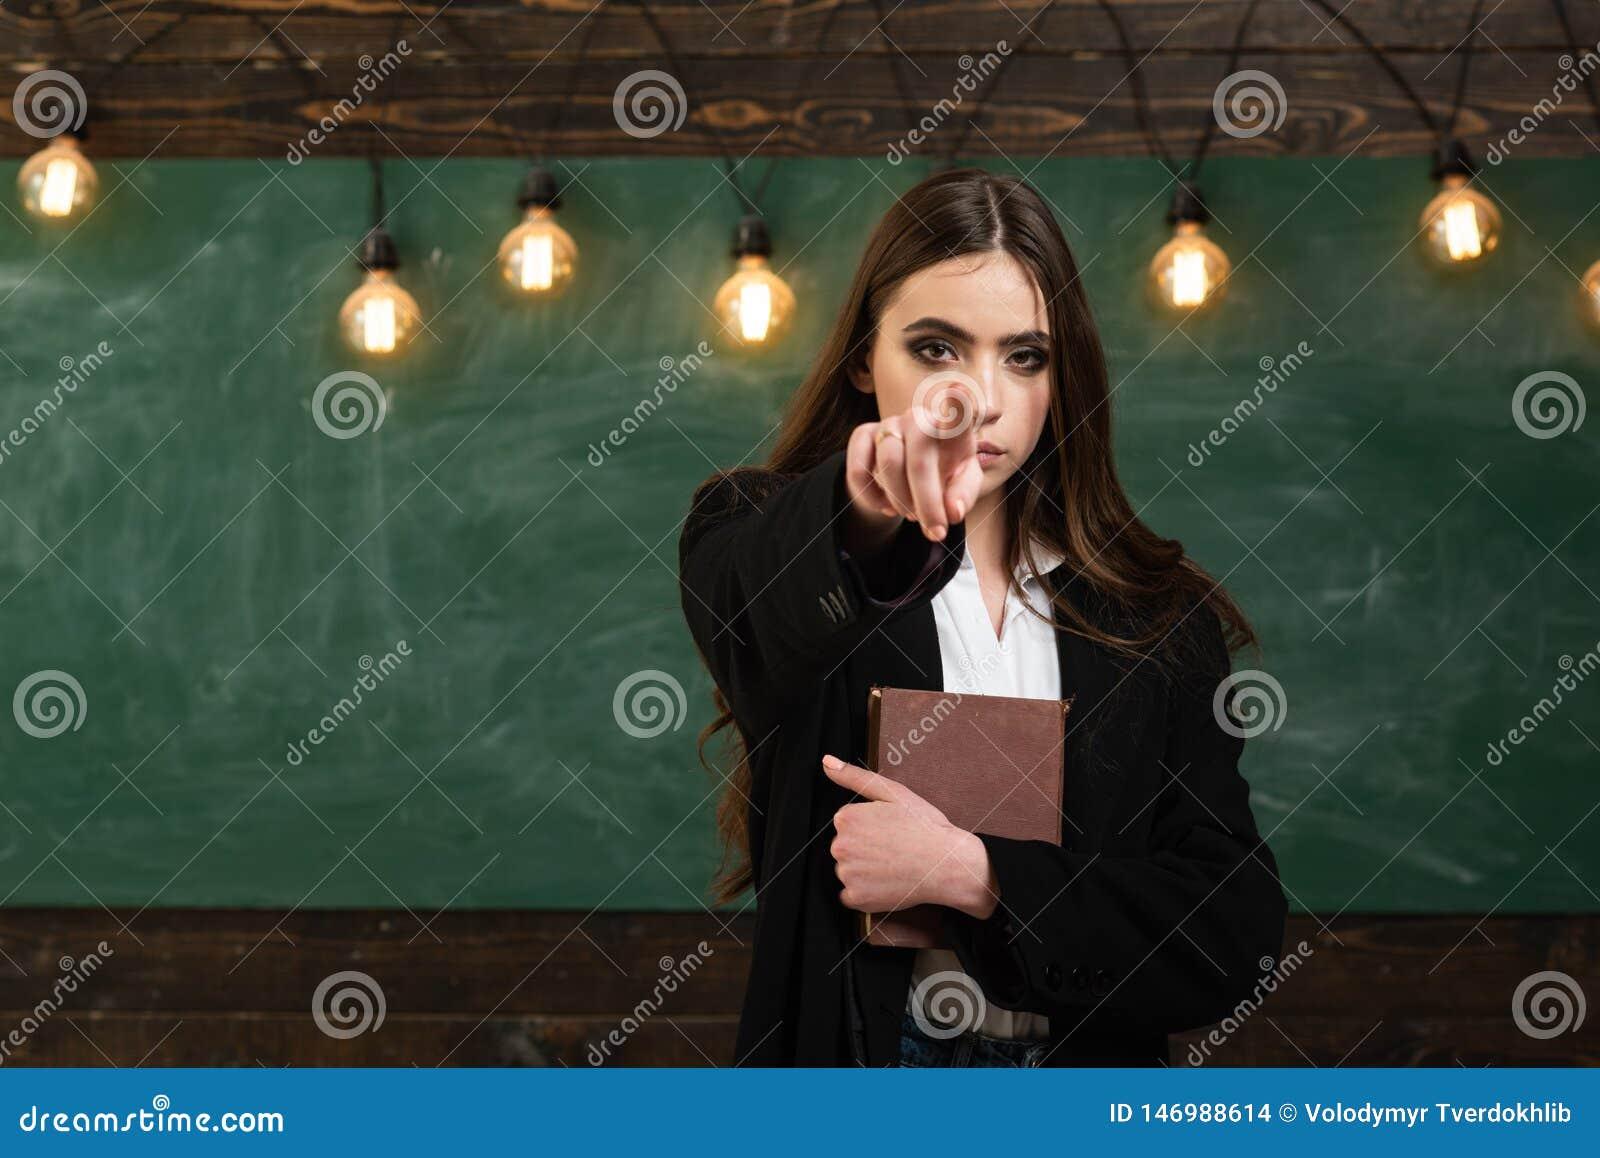 Ζωή σπουδαστών Νέος ελκυστικός δάσκαλος που δείχνει στον πίνακα κιμωλίας Σχολείο εφήβων Σχολείο εφήβων - πρώτη αγάπη Πίσω